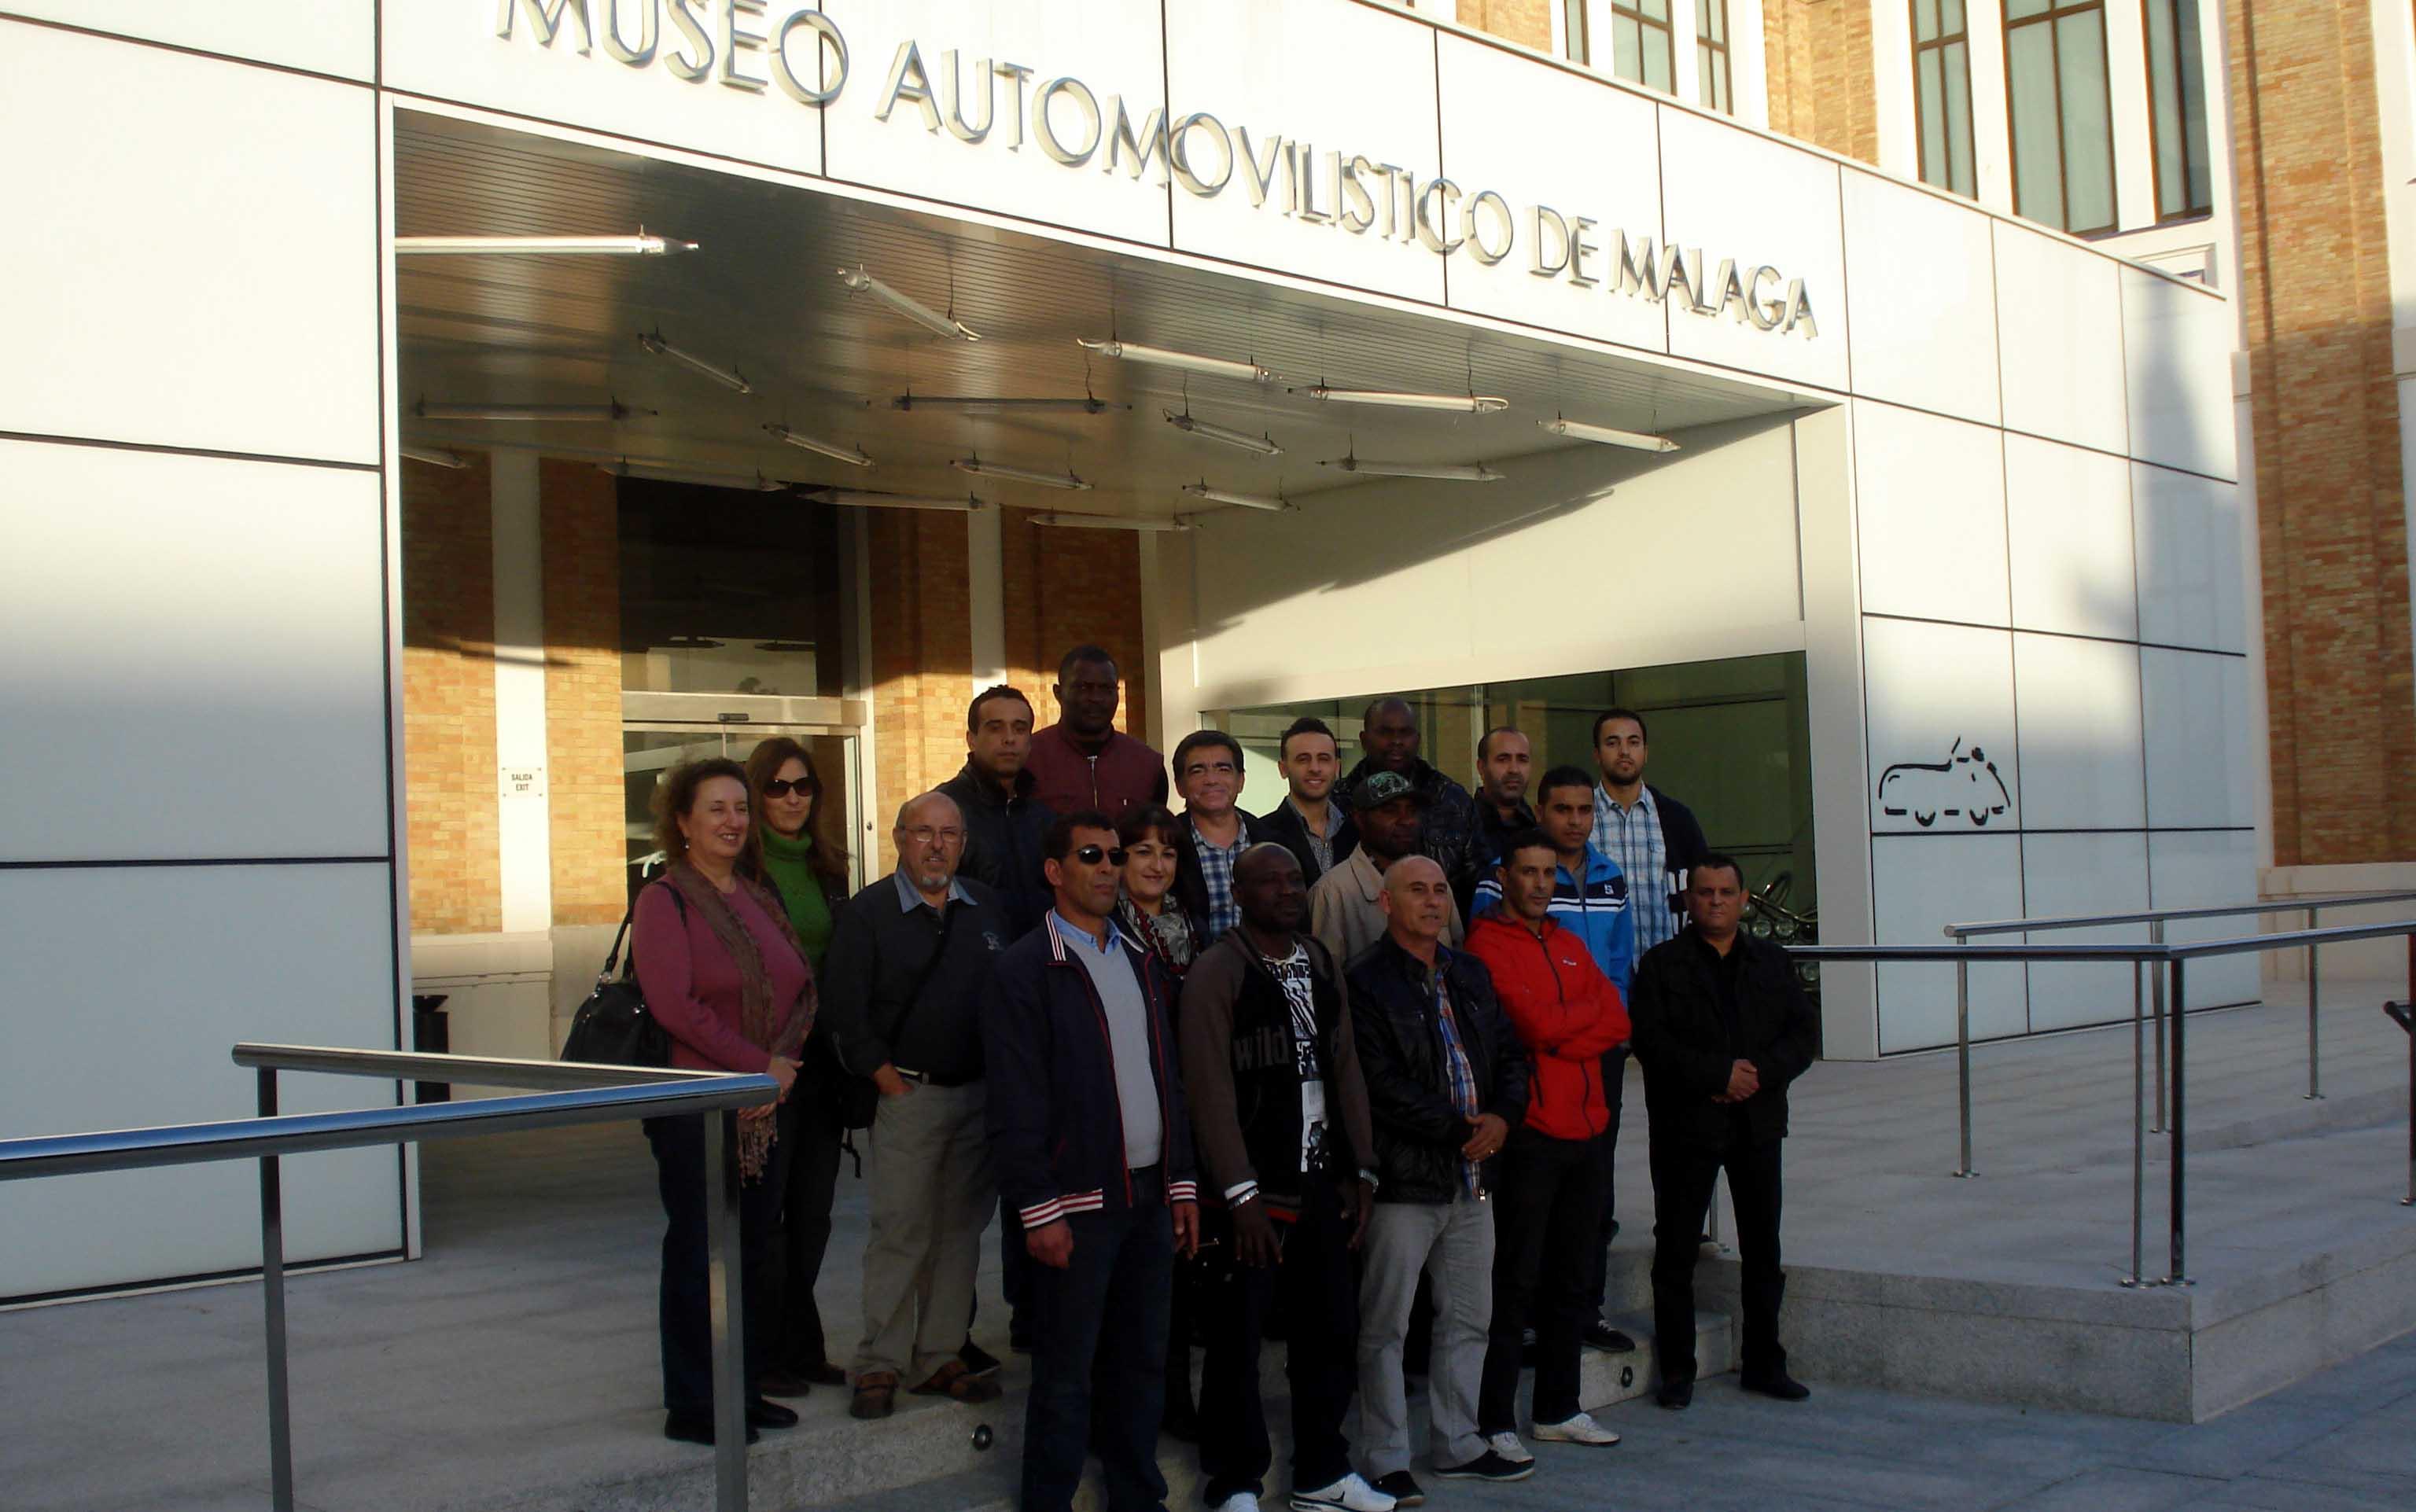 Visitas al Museo del Automóvil